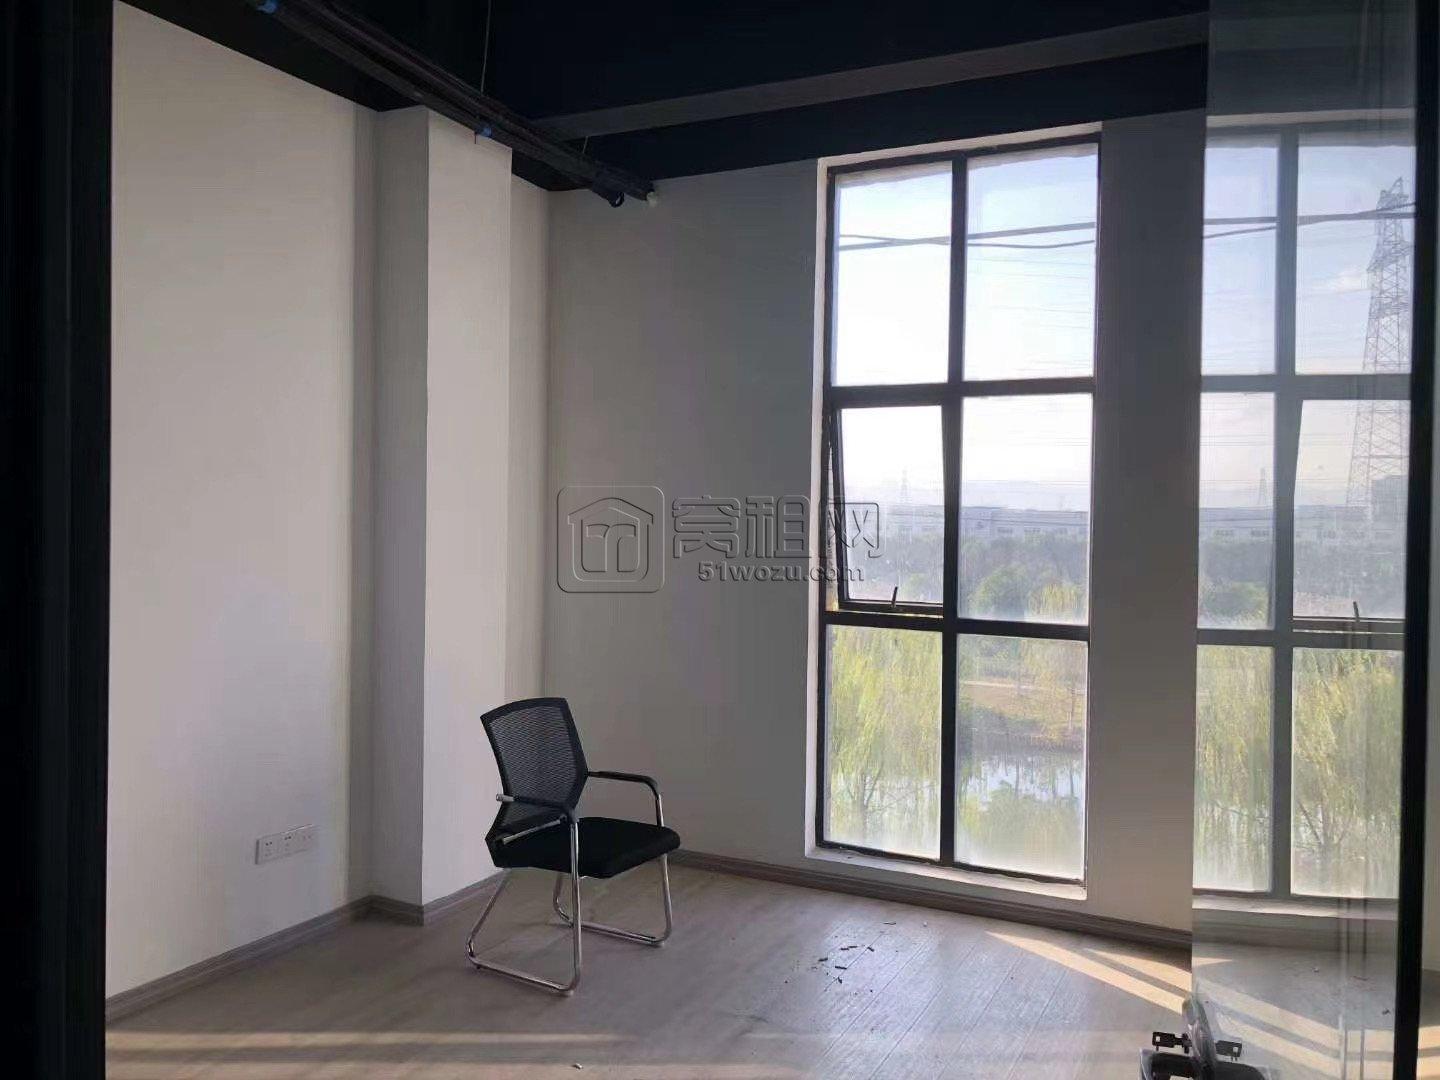 鄞州梦创金谷A座155平工业风办公室出租